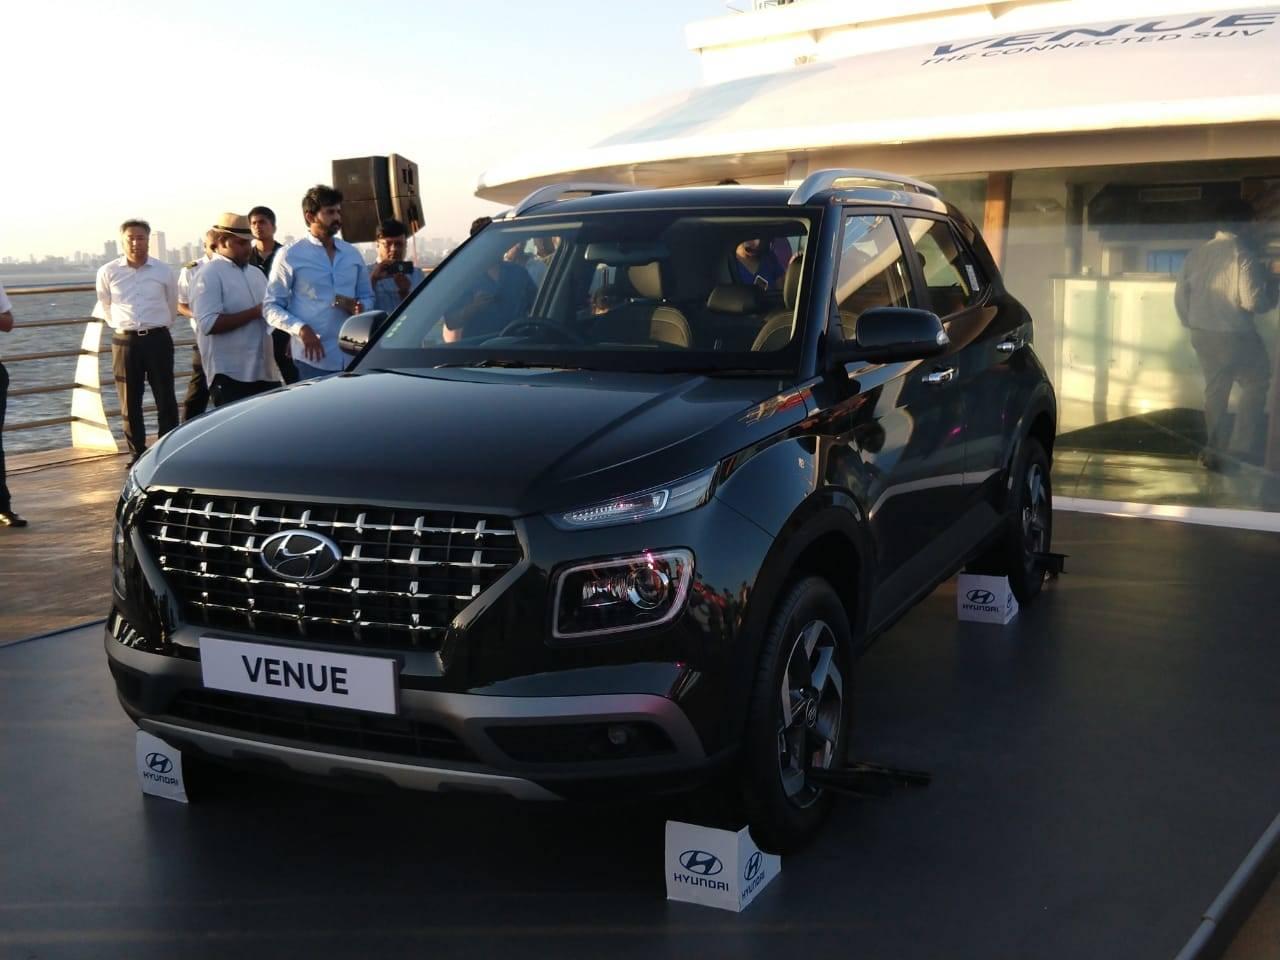 2020 Hyundai Venue: Design, Specs, Equipment, Price >> Hyundai Venue Hyundai Venue To Launch Tomorrow Top 5